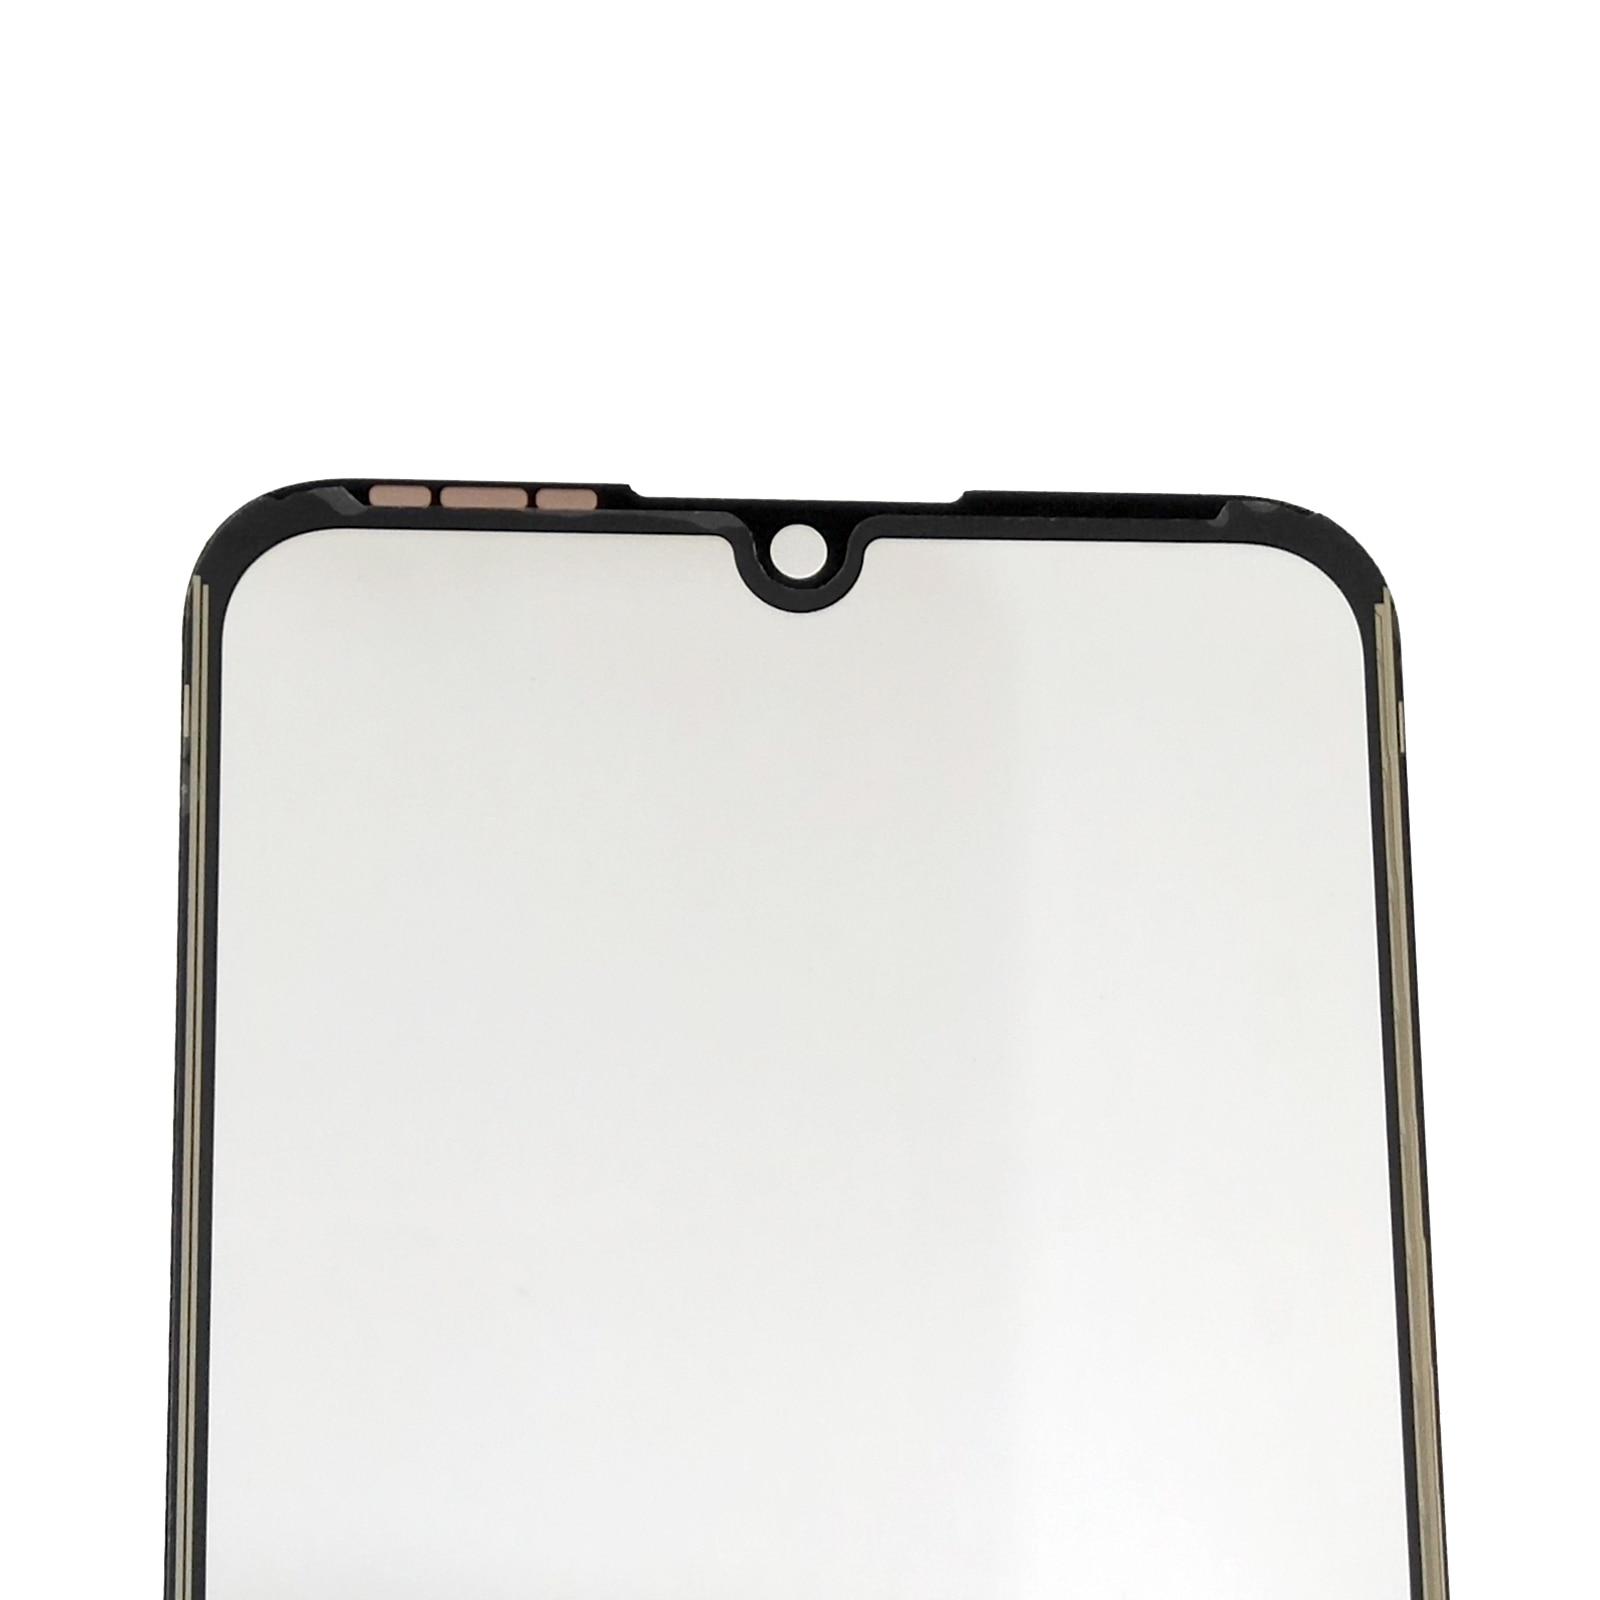 """רשימת הקטגוריות Shyueda 100% בניו 6.09"""" עבור Huawei Y6 Pro 2019 MRD-LX2 L22 L23 Outer חזית זכוכית מסך מגע (4)"""